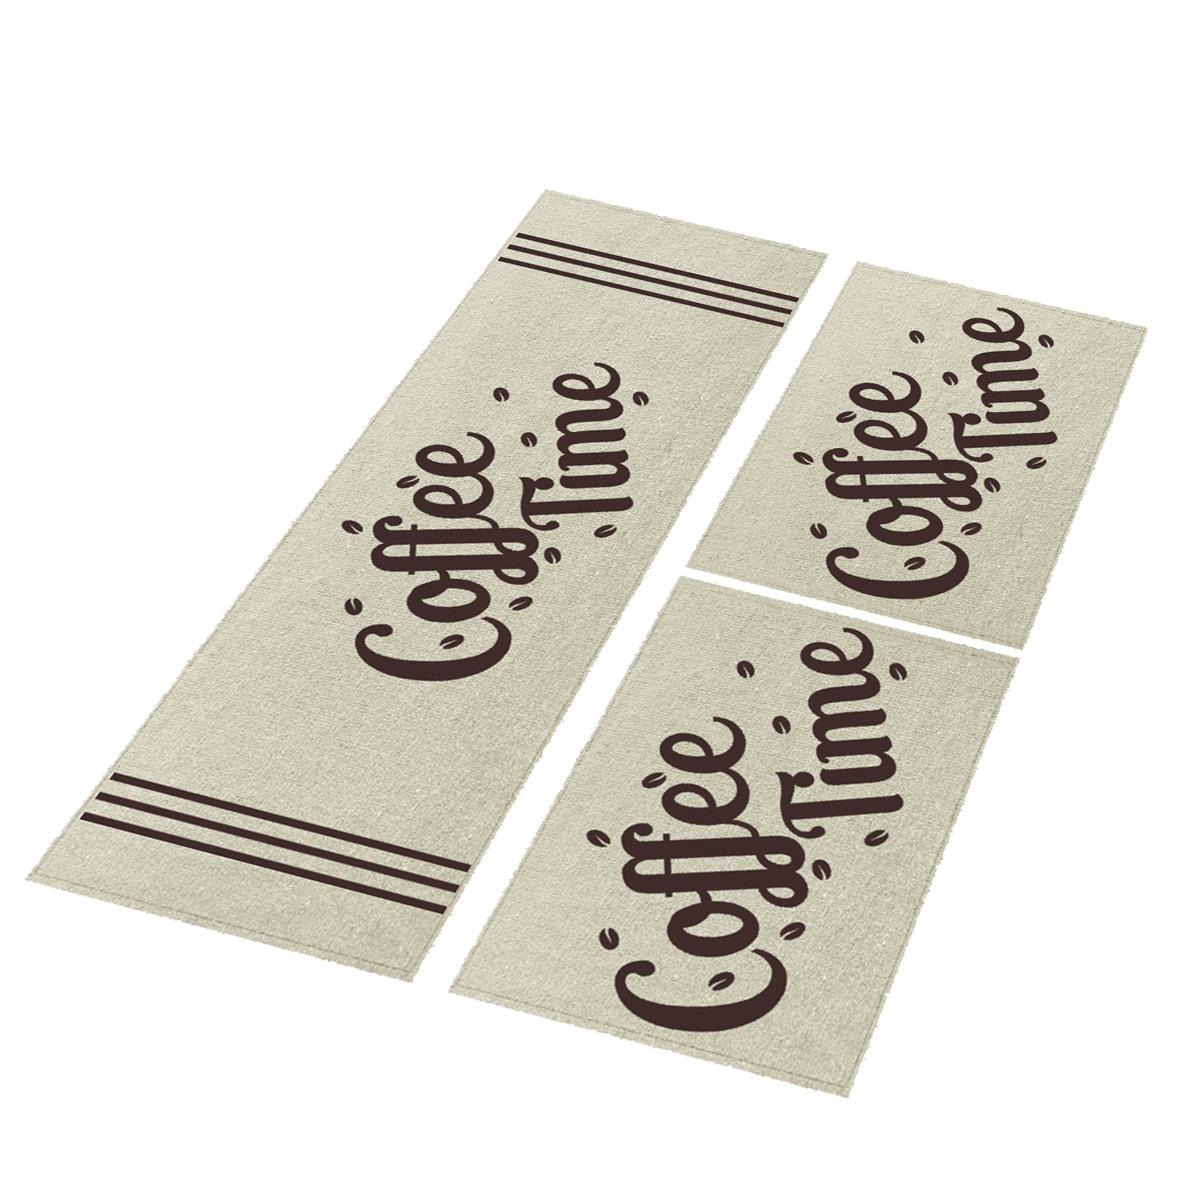 Jogo Tapete Cozinha Natural Algodão Antiderrapante 3 Peças Coffe Tabaco